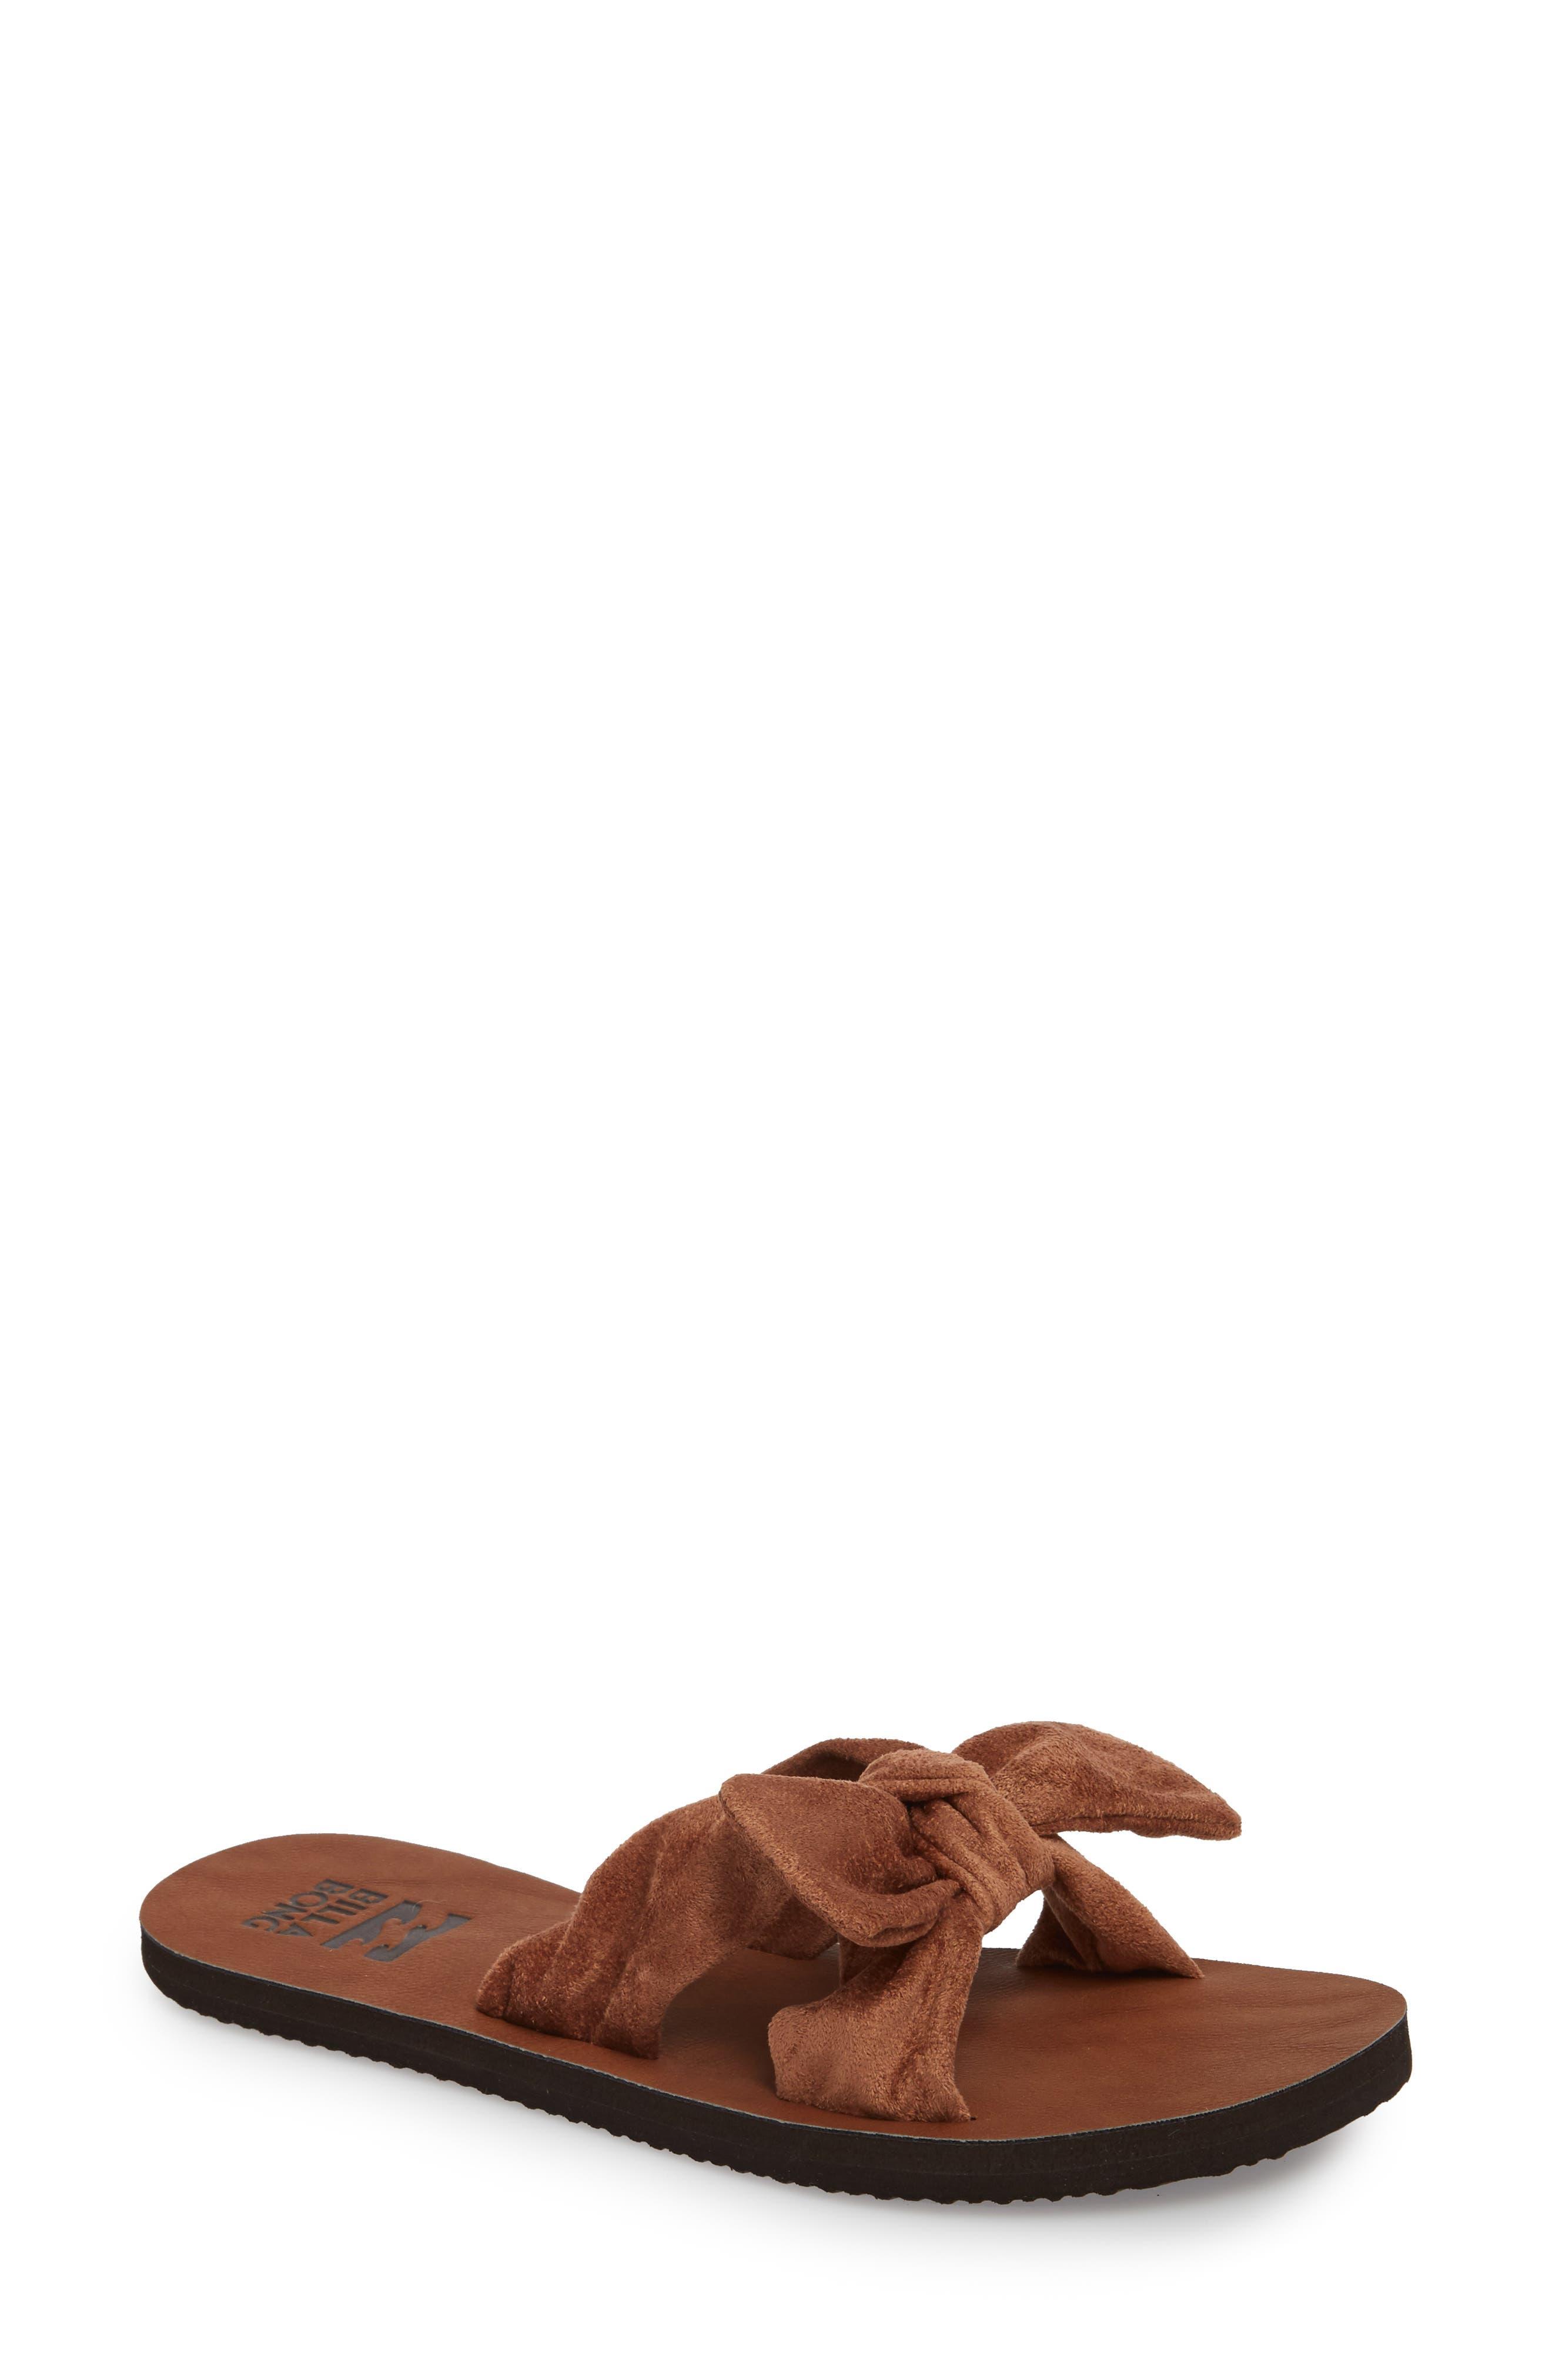 Tied-Up Slide Sandal,                             Main thumbnail 1, color,                             Desert Brown